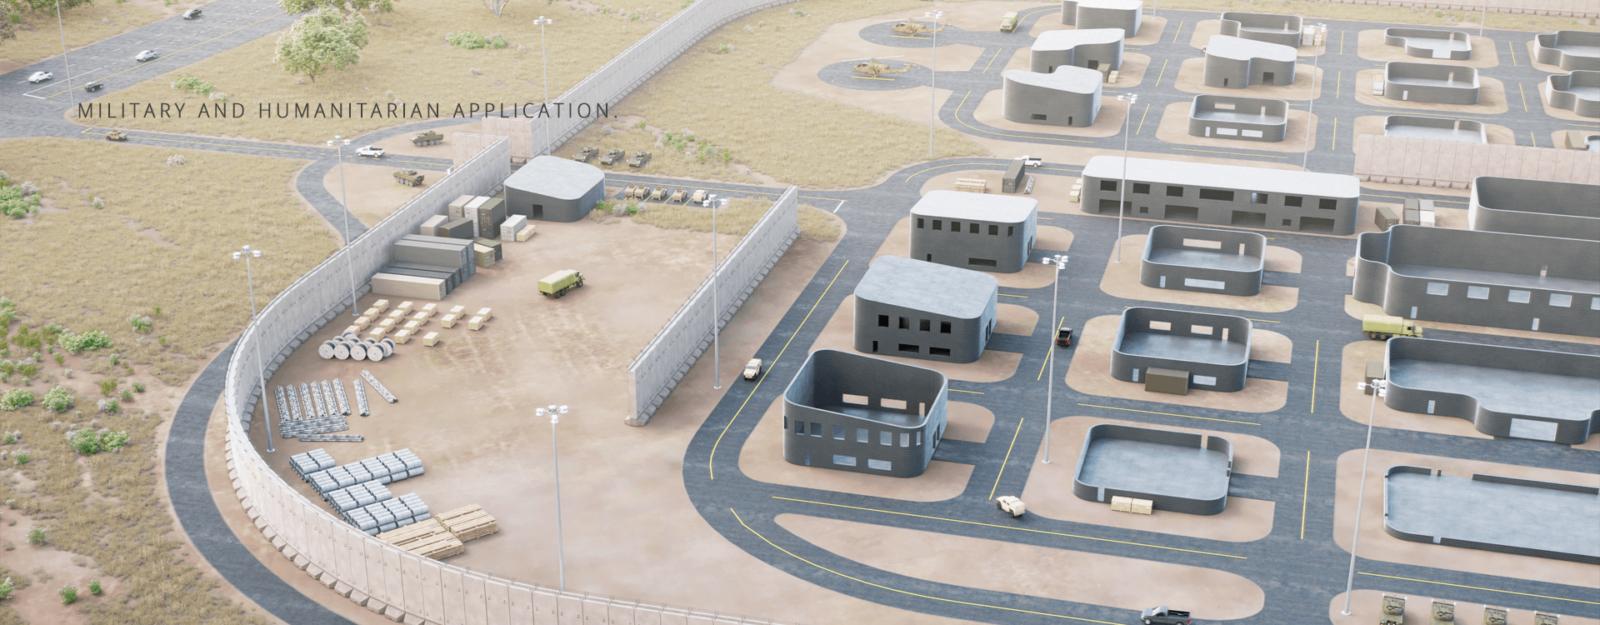 AMIDA 3D Military and Humanitarian Applications.